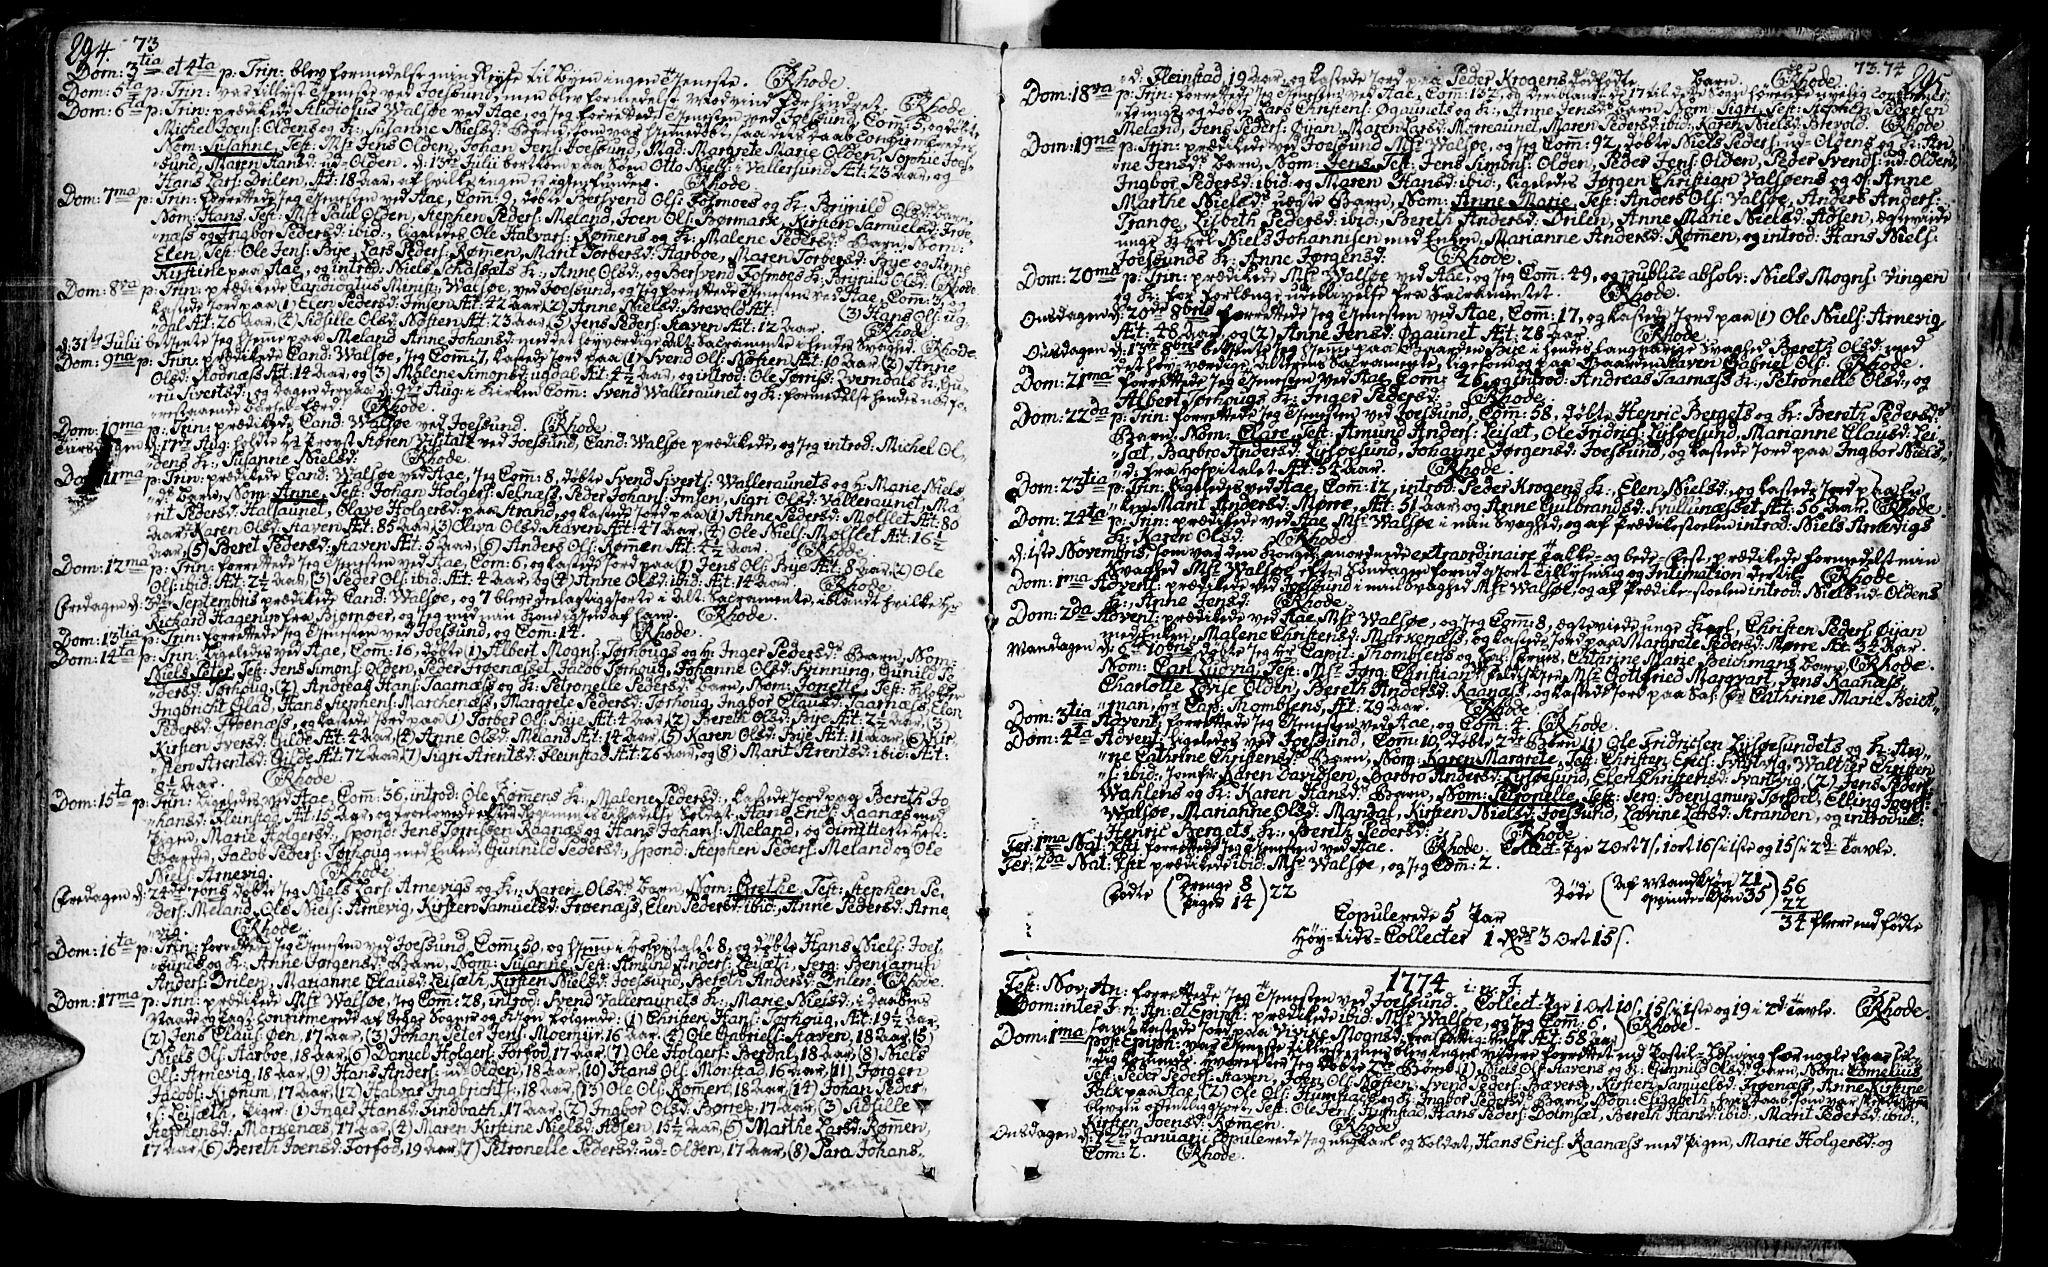 SAT, Ministerialprotokoller, klokkerbøker og fødselsregistre - Sør-Trøndelag, 655/L0672: Ministerialbok nr. 655A01, 1750-1779, s. 294-295